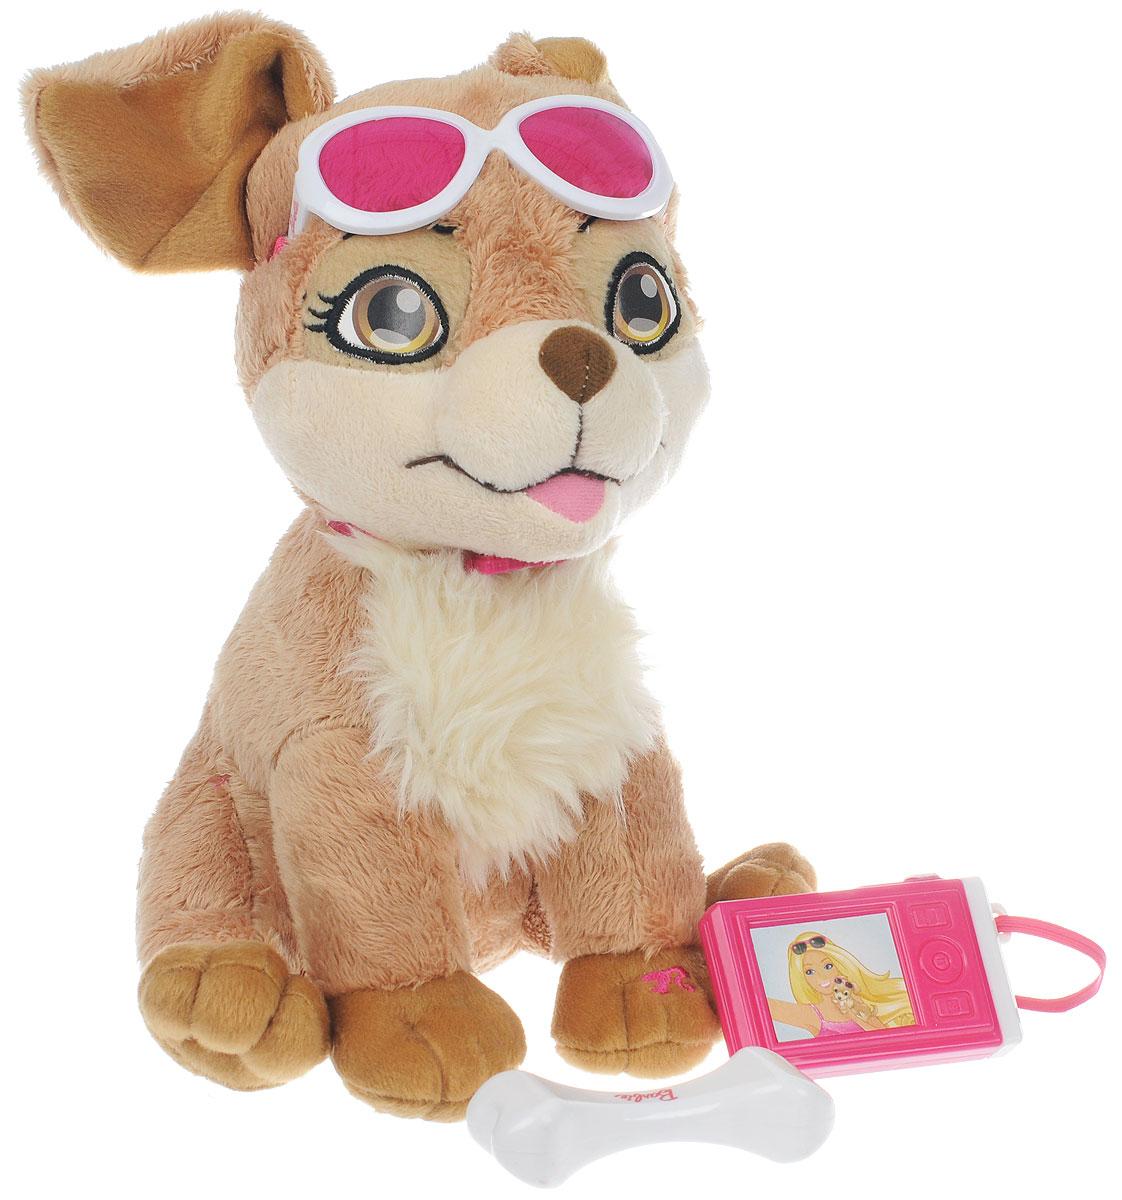 Barbie Интерактивная игрушка My Fab Pets: Lacey, с аксессурамиBBPE1Интерактивная игрушка Barbie My Fab Pets: Lacey выполнена в виде милой собачки Лэйси. Такая игрушка приведет в восторг любого ребенка. Очаровательный песик покрыт мягким и приятным на ощупь искусственным мехом, его глазки вышиты нитками. На шее щенка - подвеска в виде логотипа Barbie, а голову украшают стильные солнцезащитные очки. В комплекте с собачкой поставляется игрушечный фотоаппарат, косточка и очки. Лэйси умеет грызть косточку и фотографировать. При нажатии на левую лапку, щенок также весело залает. Игры с интерактивным щенком способствуют эмоциональному развитию ребенка, а также помогут ему развить ответственность, внимание и воображение. Лэйси непременно станет лучшим другом малышки. Рекомендуется докупить 2 батарейки напряжением 1,5V типа AA (товар комплектуется демонстрационными).